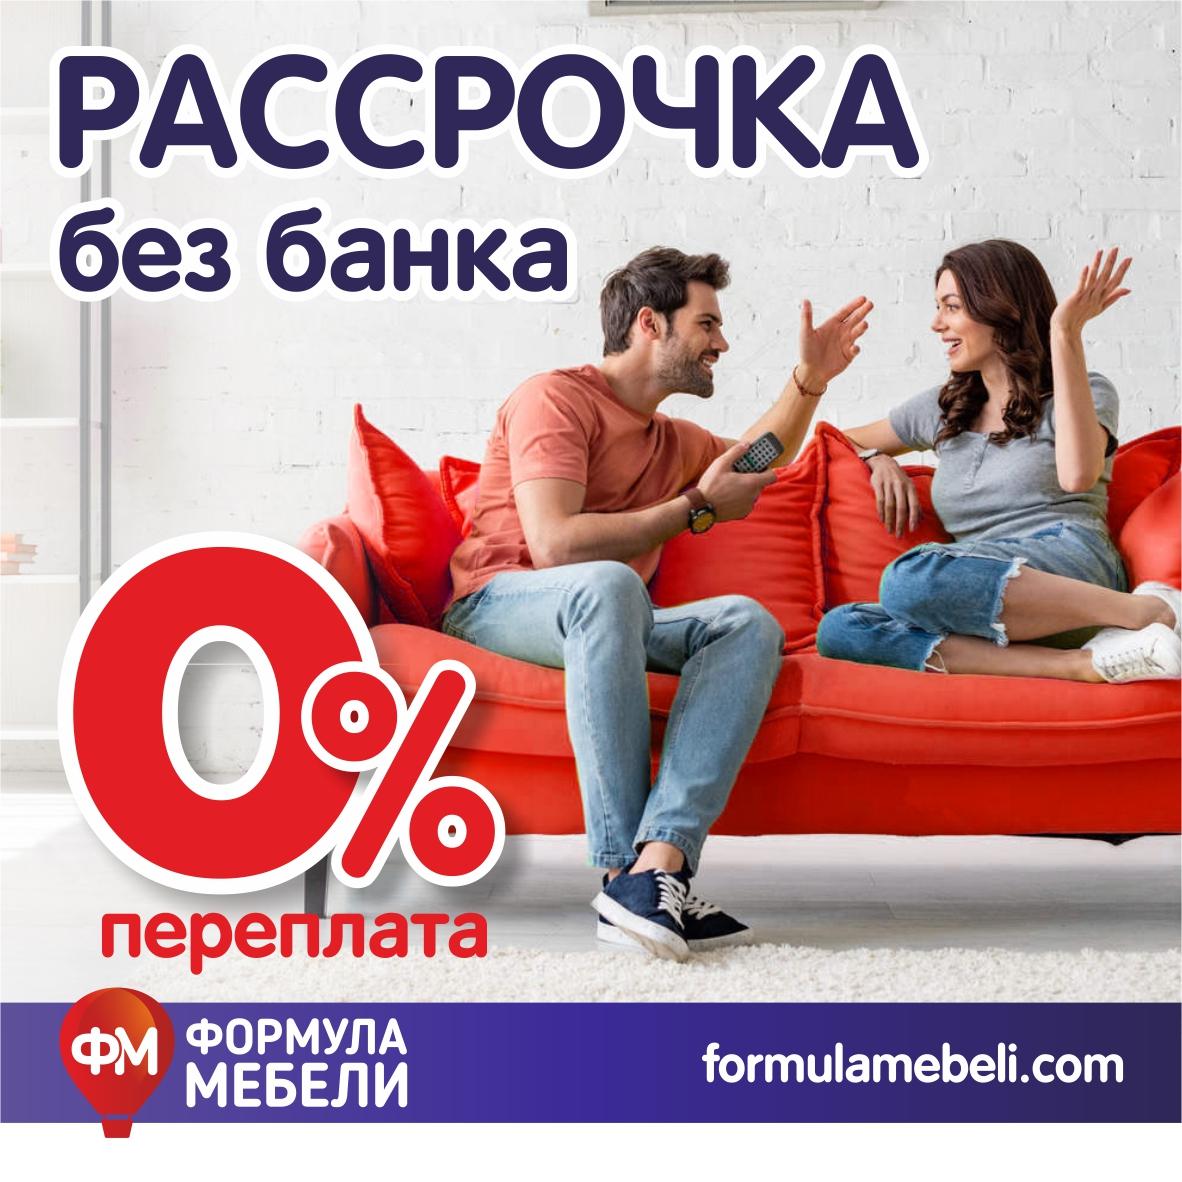 Акция отдела Формула мебели Рассрочка без банка и без переплат